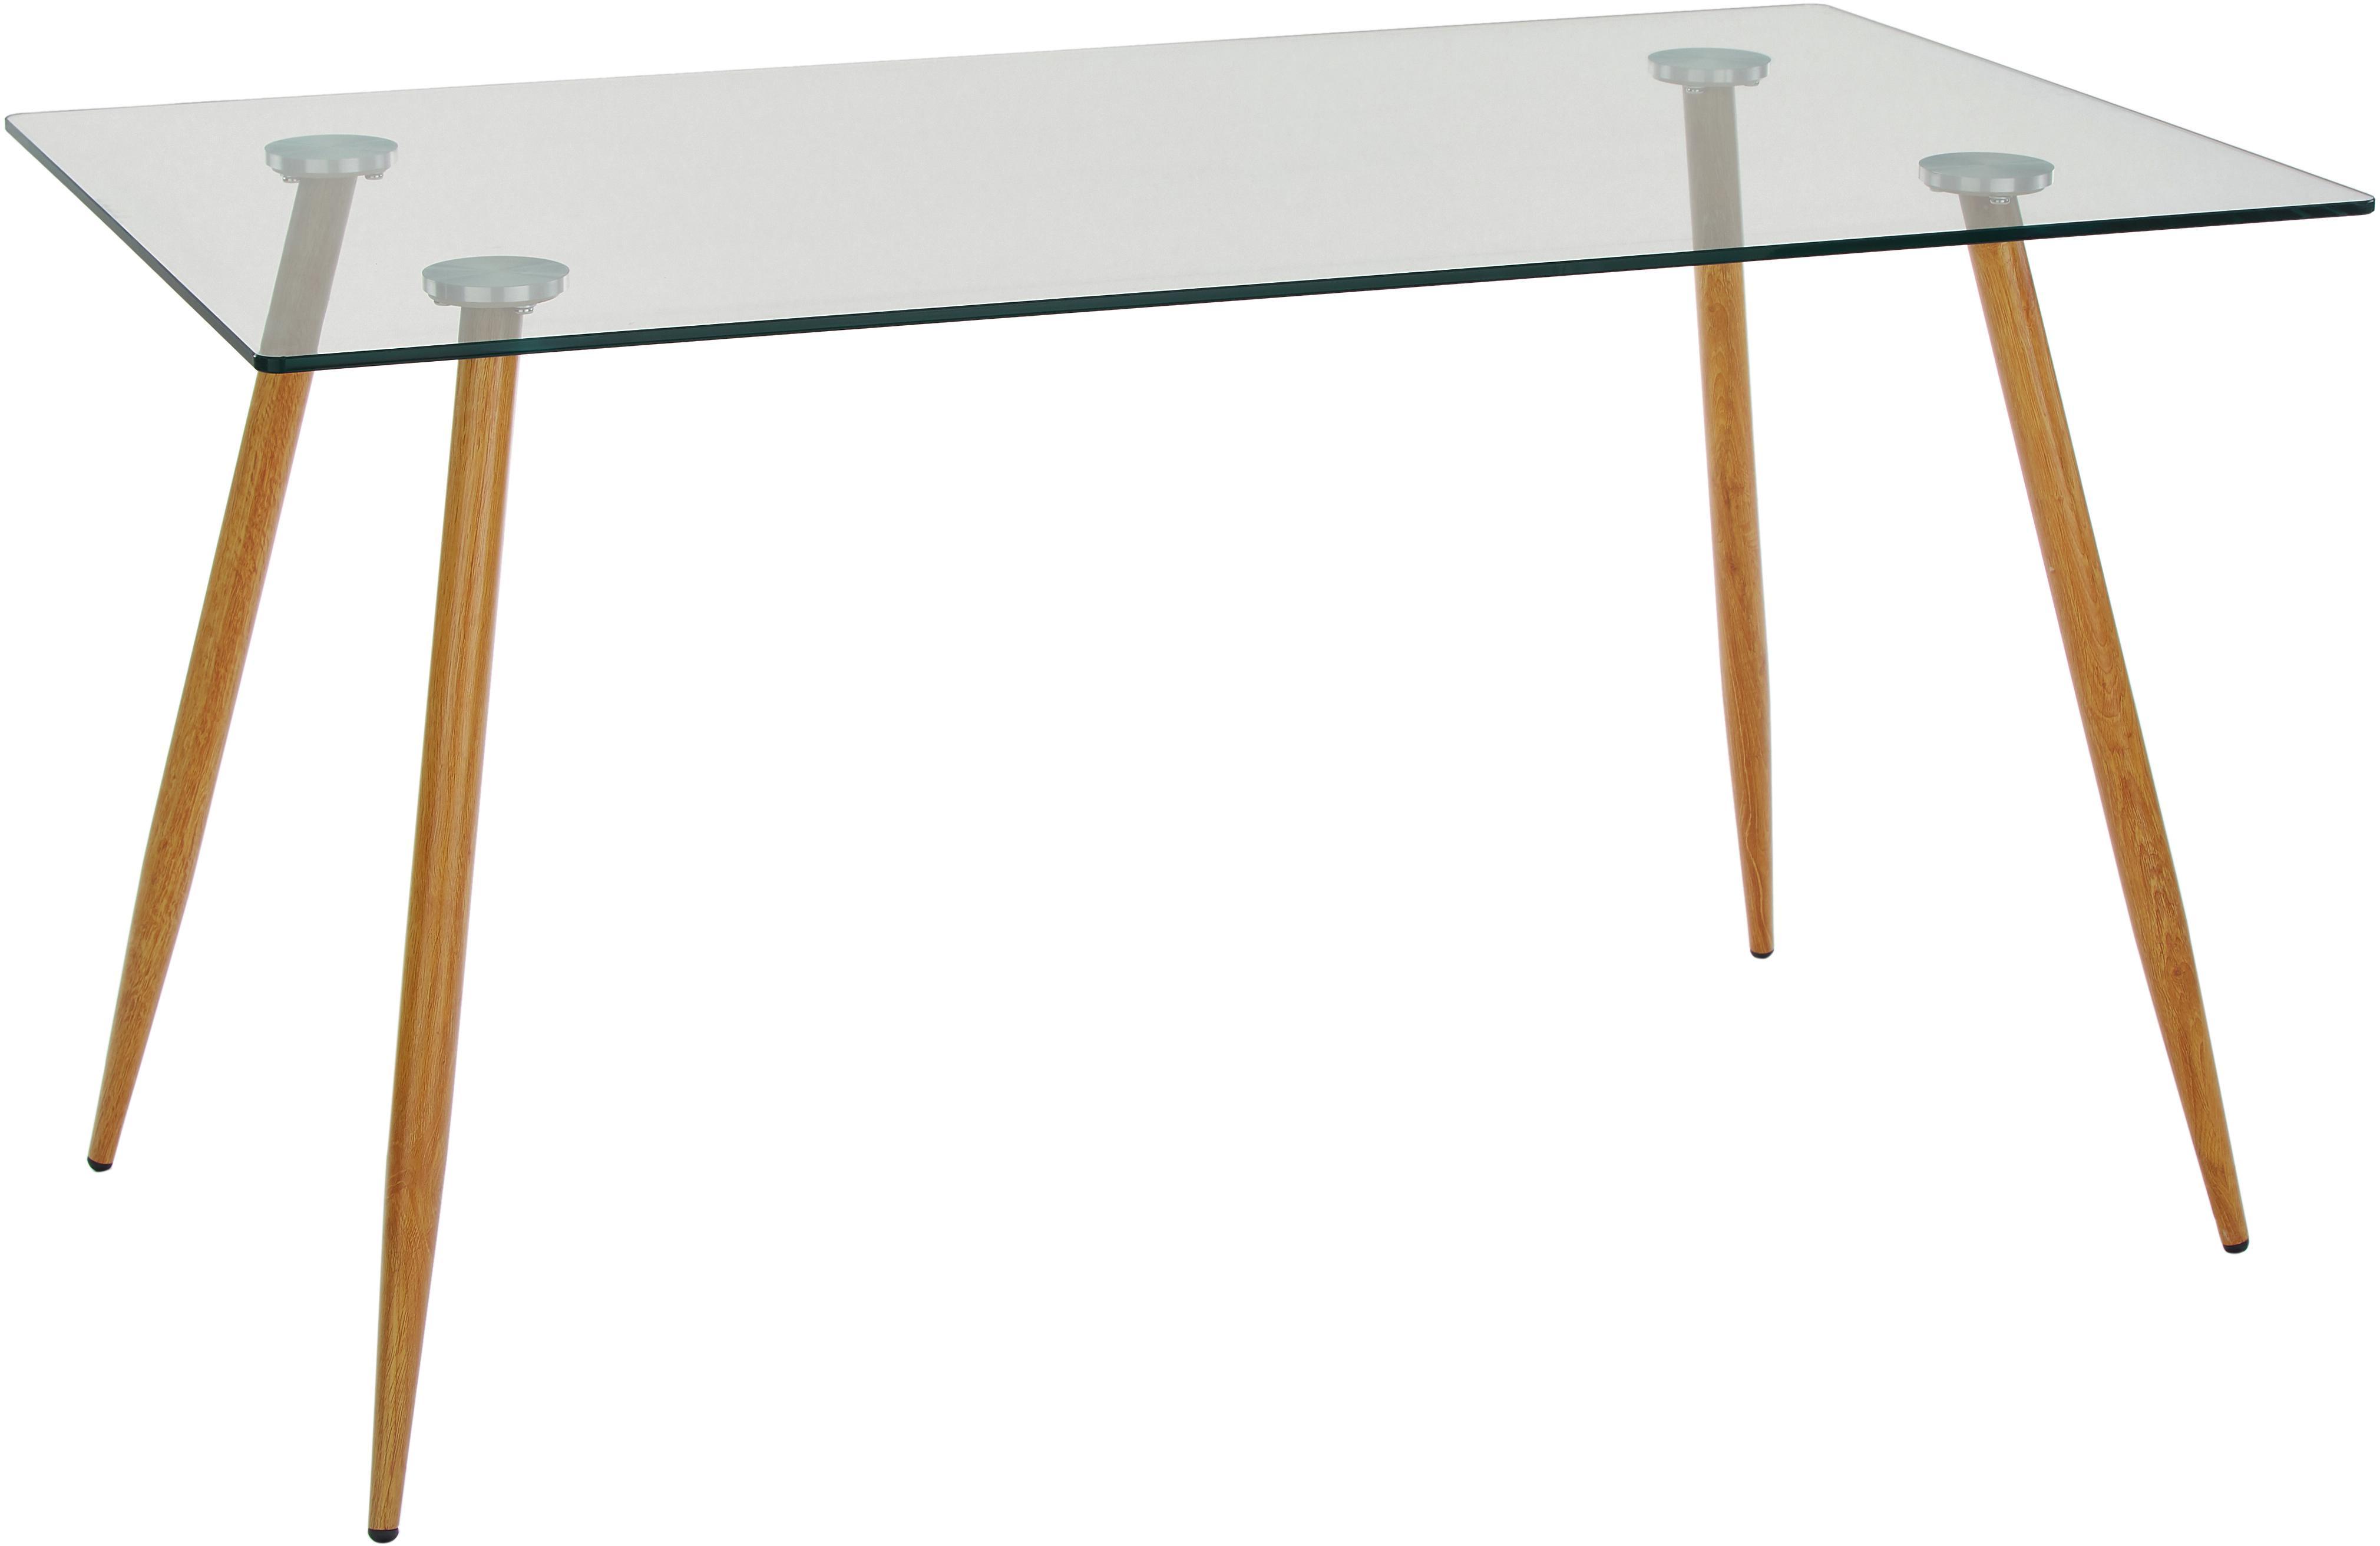 Stół do jadalni ze szkła z drewnianymi nogami Wilma, Blat: szkło hartowane, Nogi: metal malowany na kolor d, Blat: transparentny<br>Mocowanie: srebrny<br>Nogi: drewno dębowe, S 140 x G 80 cm